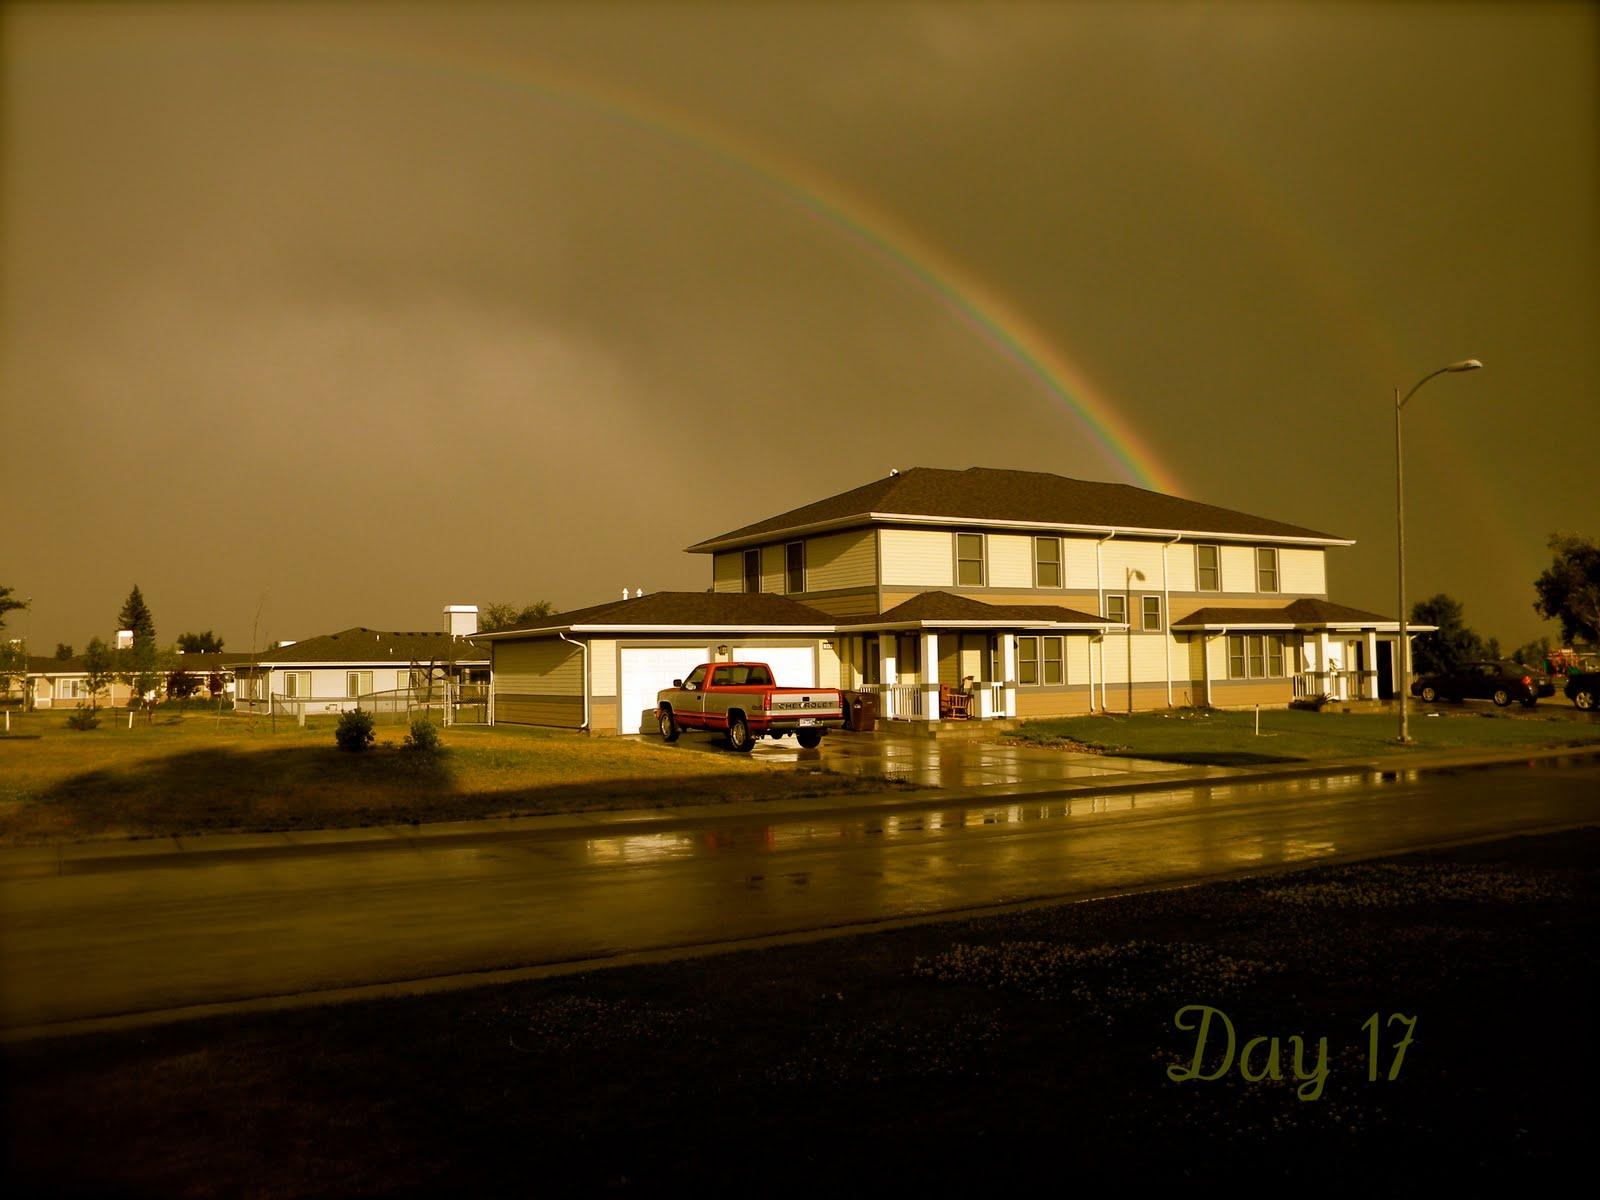 Day17 Verwunderlich so where Over the Rainbow Dekorationen